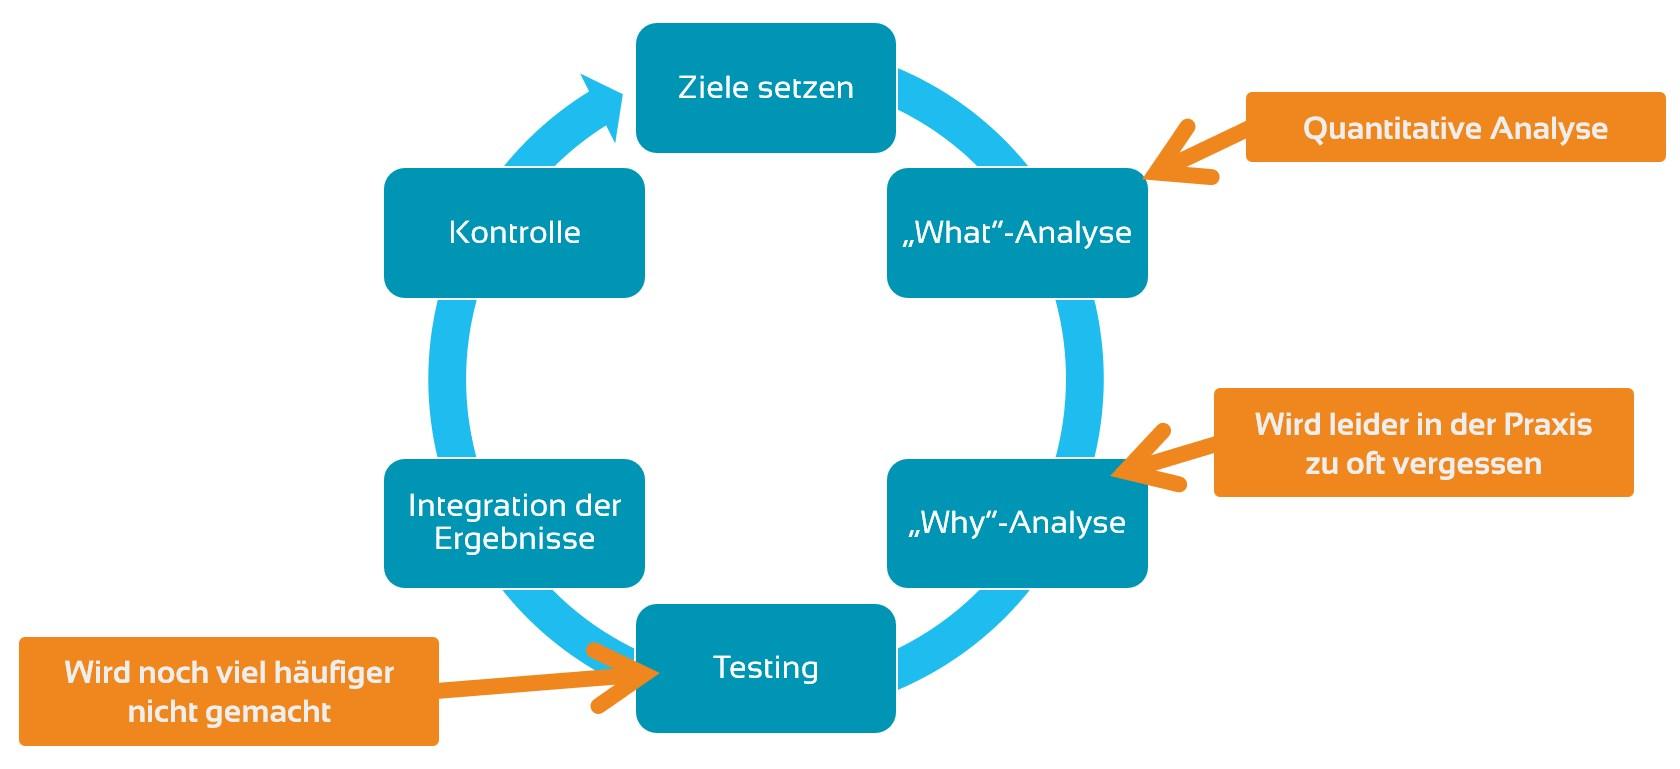 Webanalyse-Prozess: Ziele setzen, What-Analyse, Why-Analyse, Testing, Integration der Ergebnisse, Kontrolle und von vorne